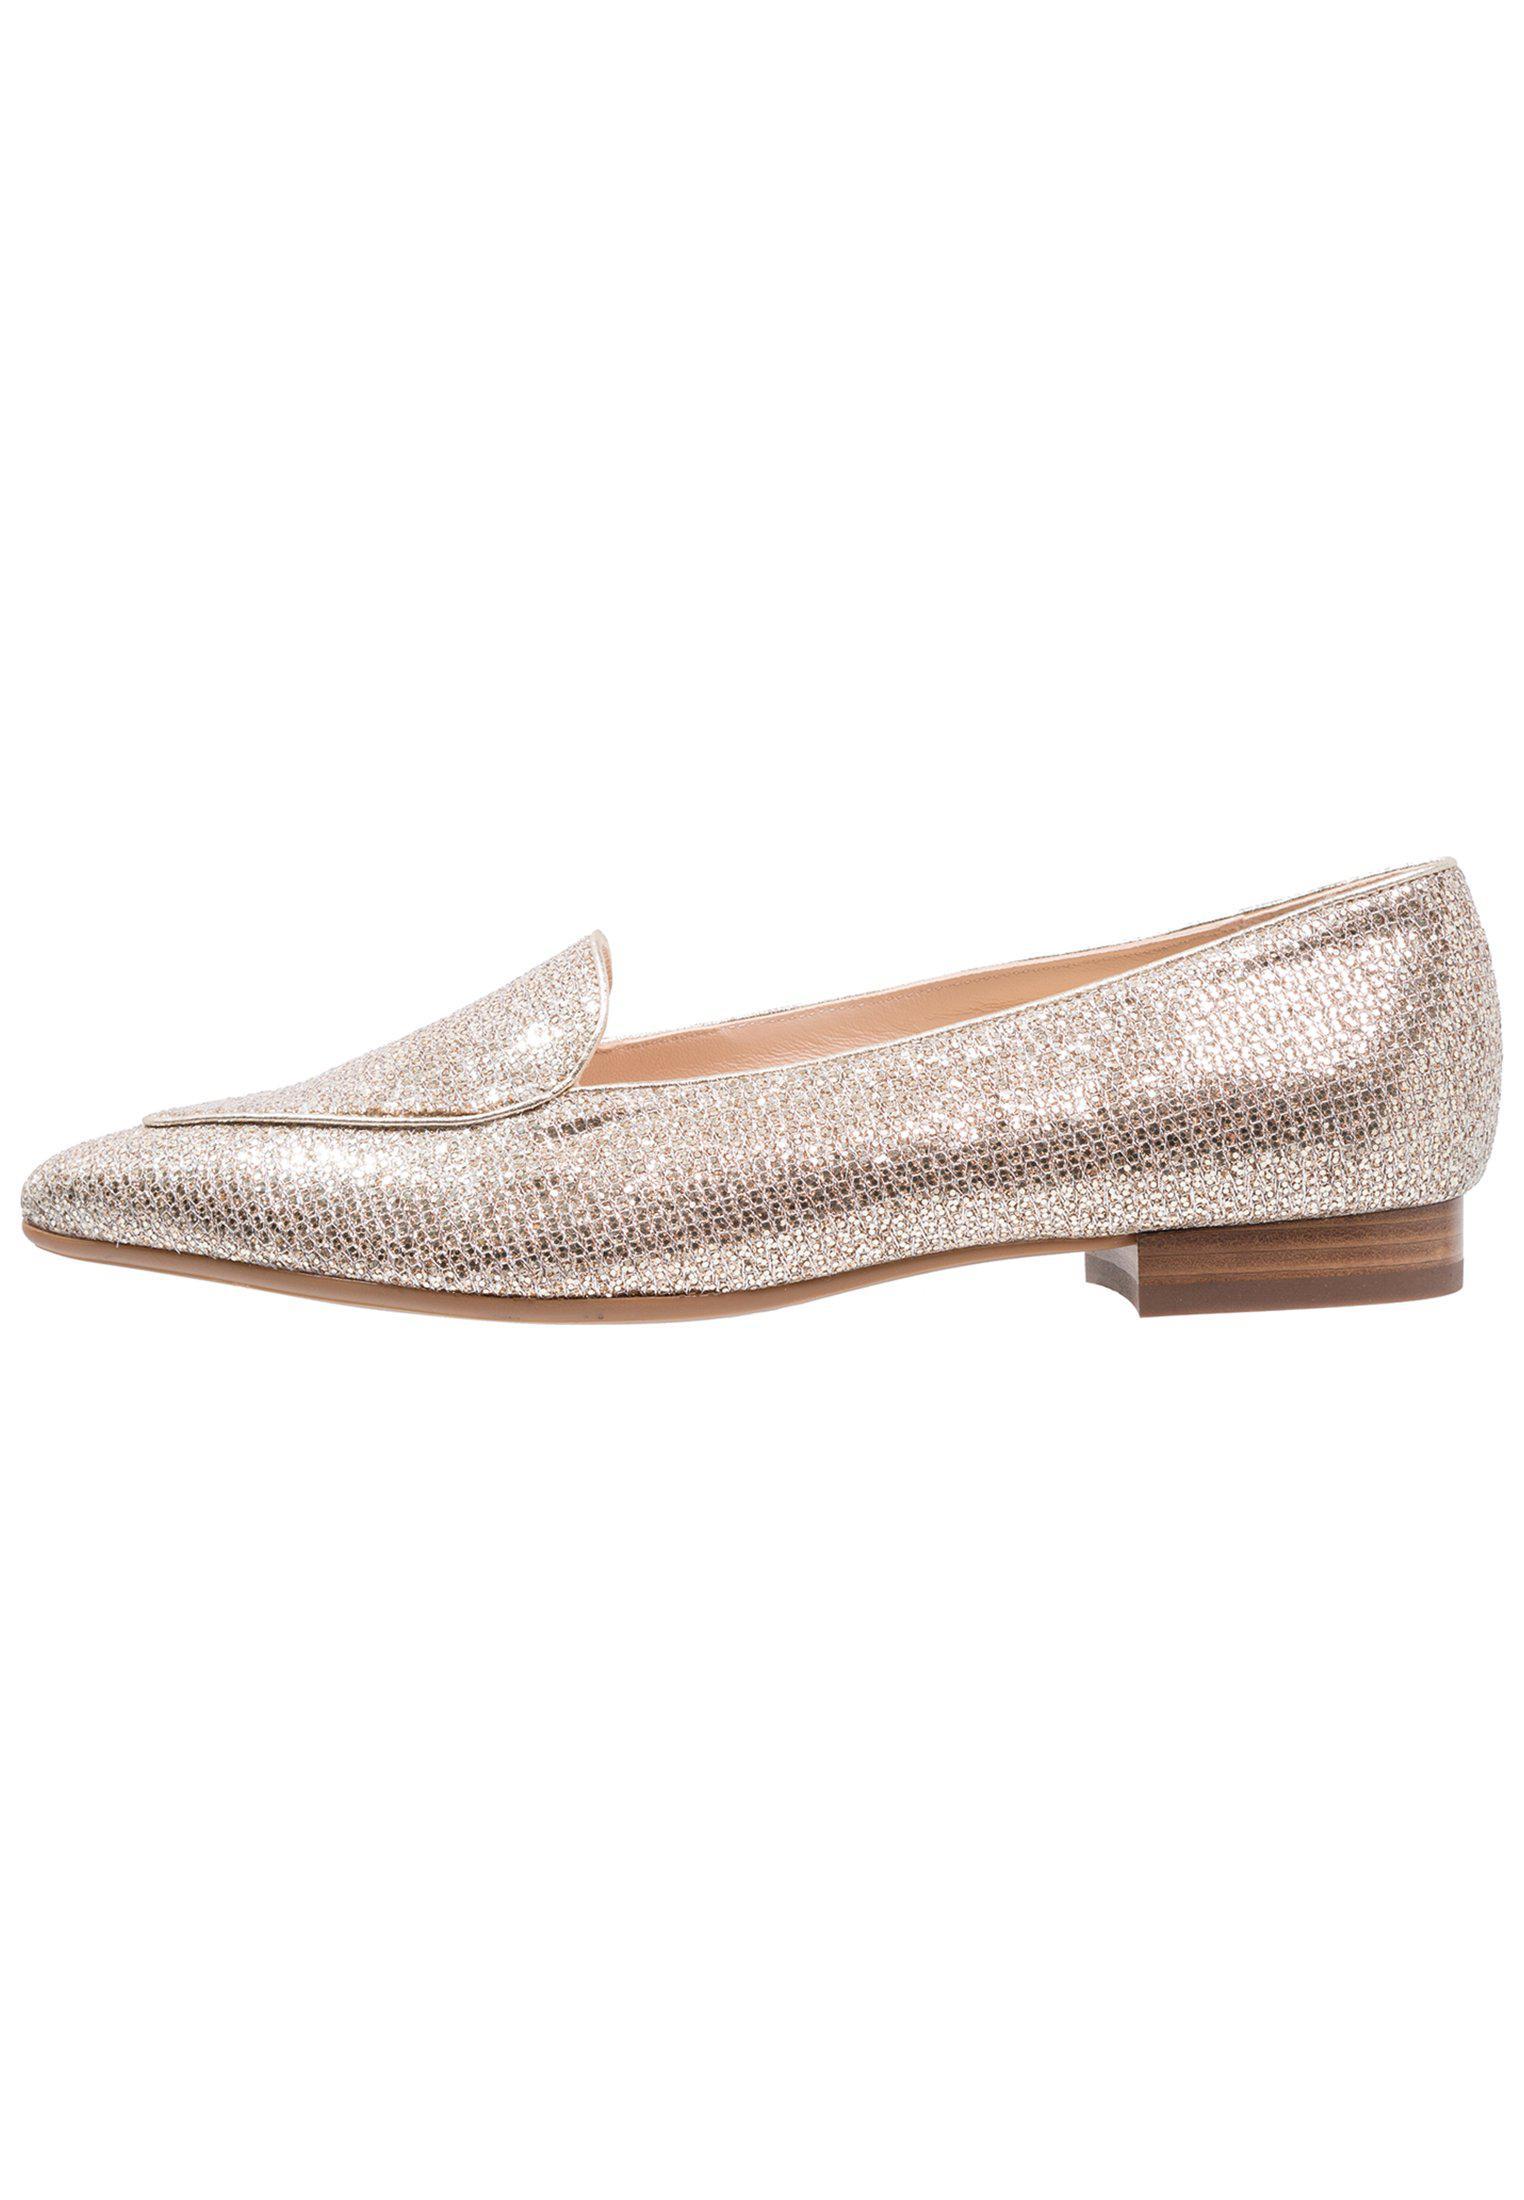 Peter Kaiser. Women's Tessi Ballet Court Shoes